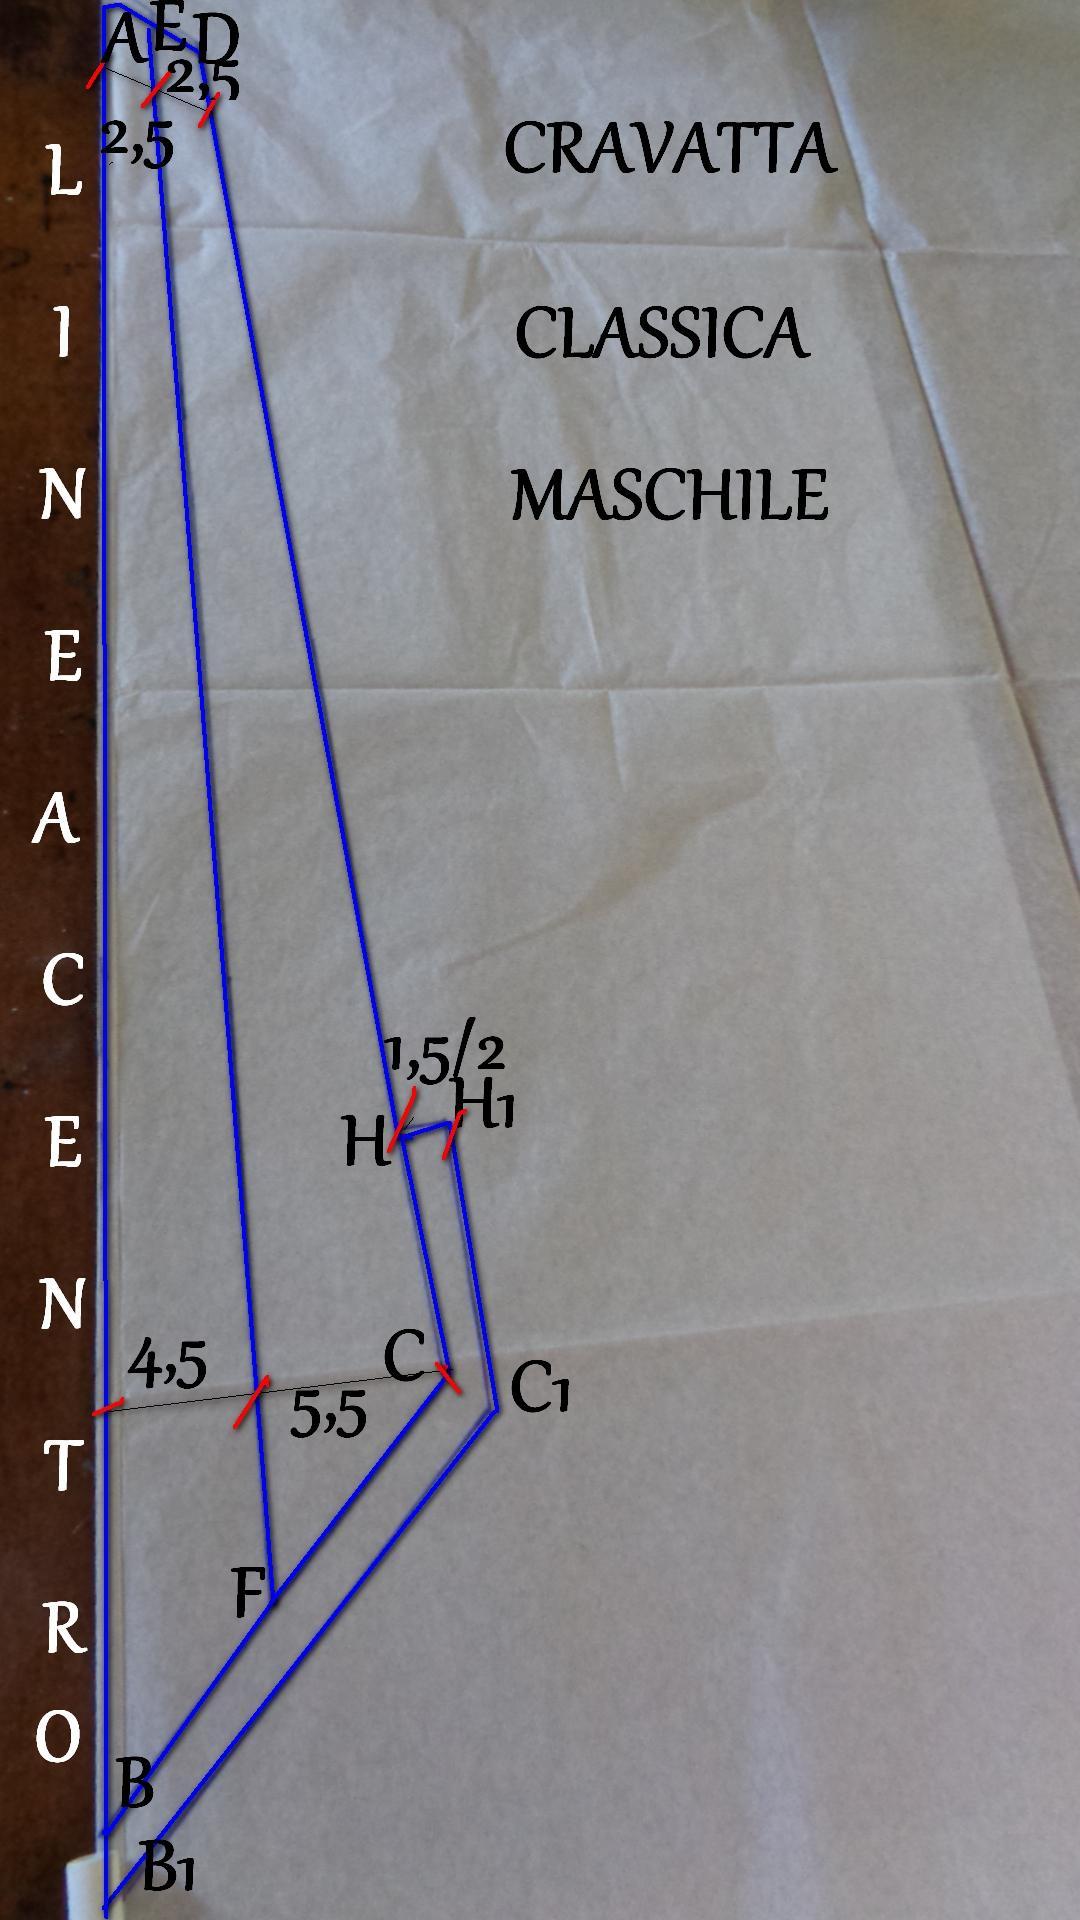 Schema cartamodello a metà della cravatta classica 1°pezzo